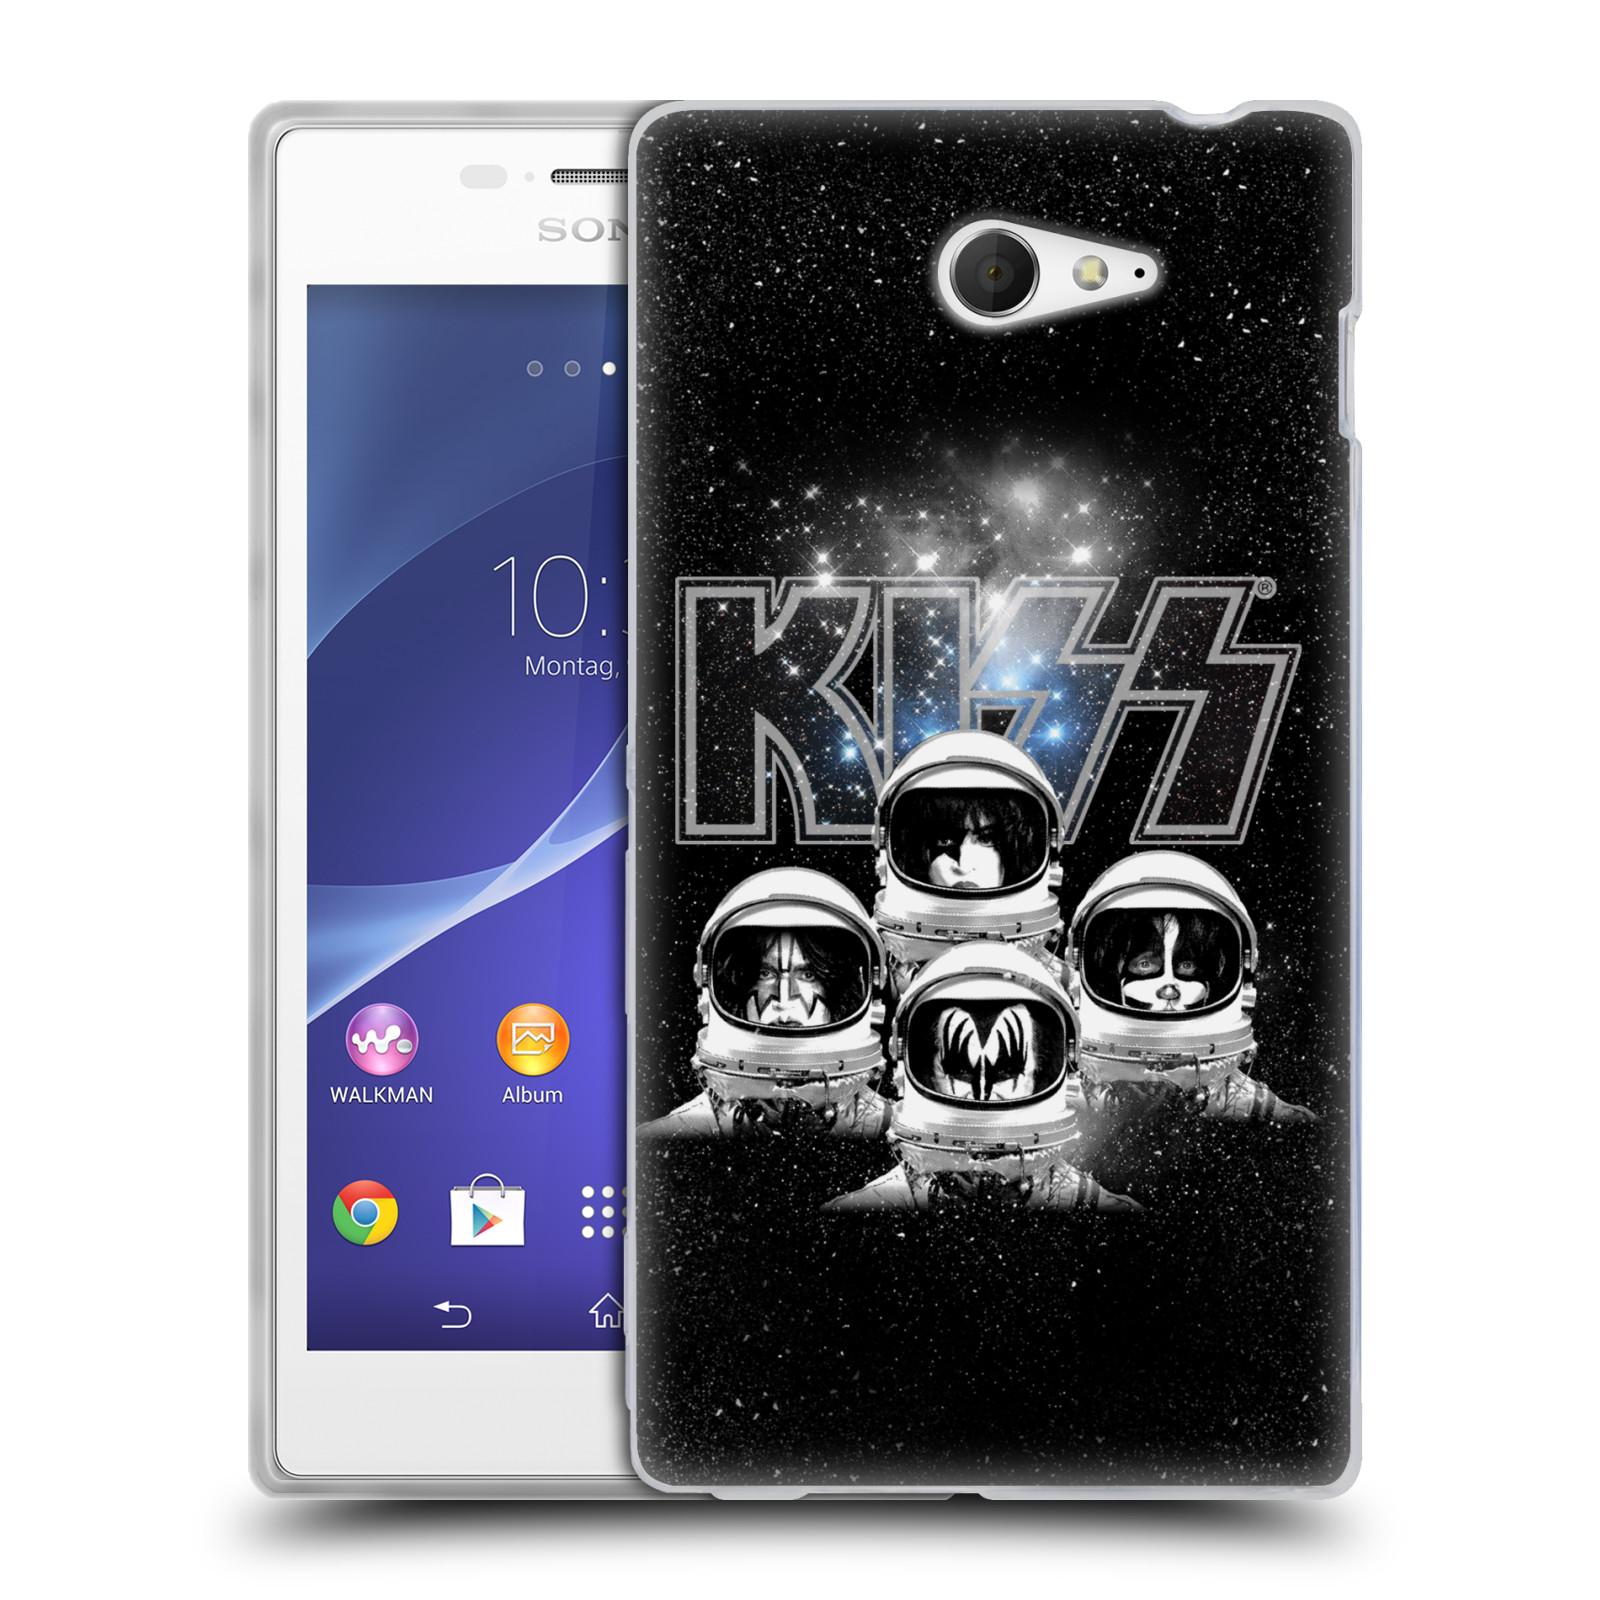 Silikonové pouzdro na mobil Sony Xperia M2 D2303 HEAD CASE - Kiss - Galactic (Silikonový kryt či obal na mobilní telefon s licencovaným motivem Kiss pro Sony Xperia M2)